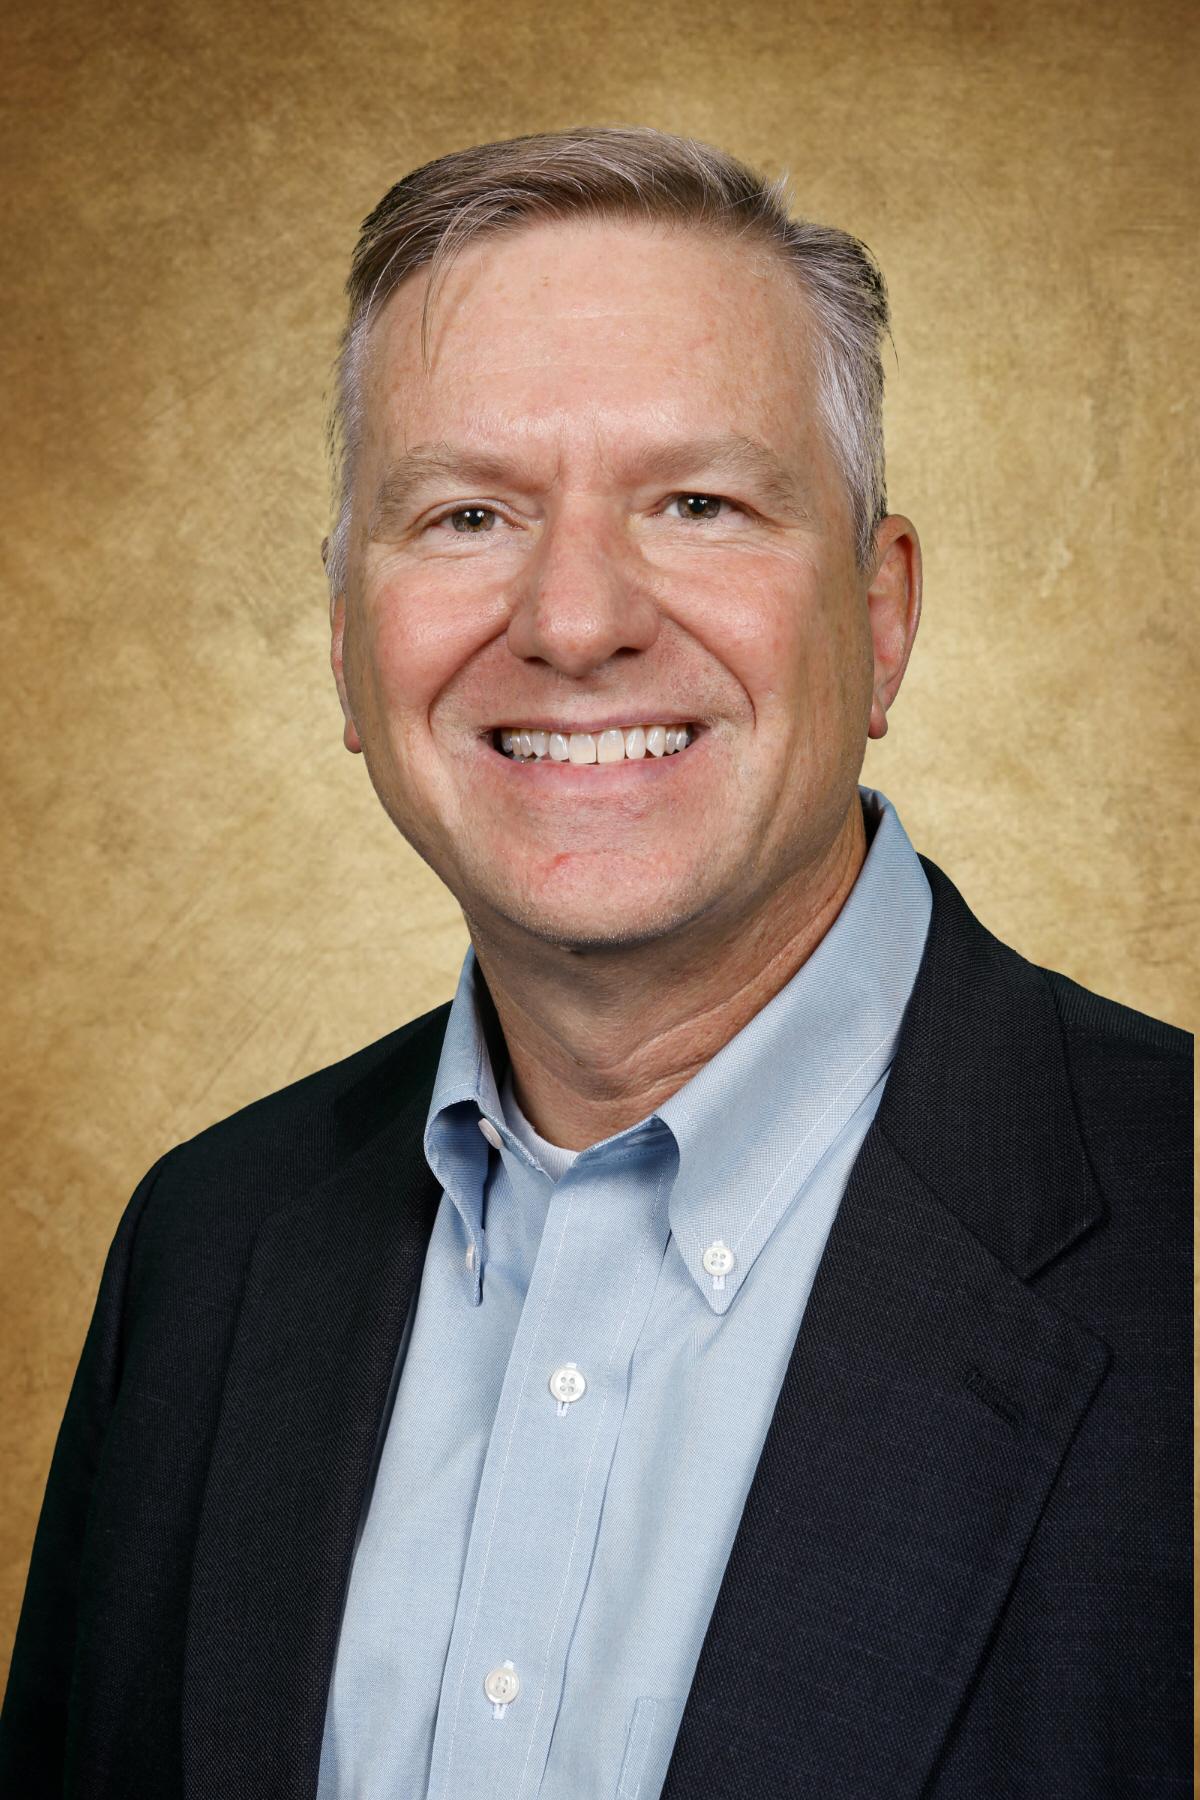 Gary Simmons